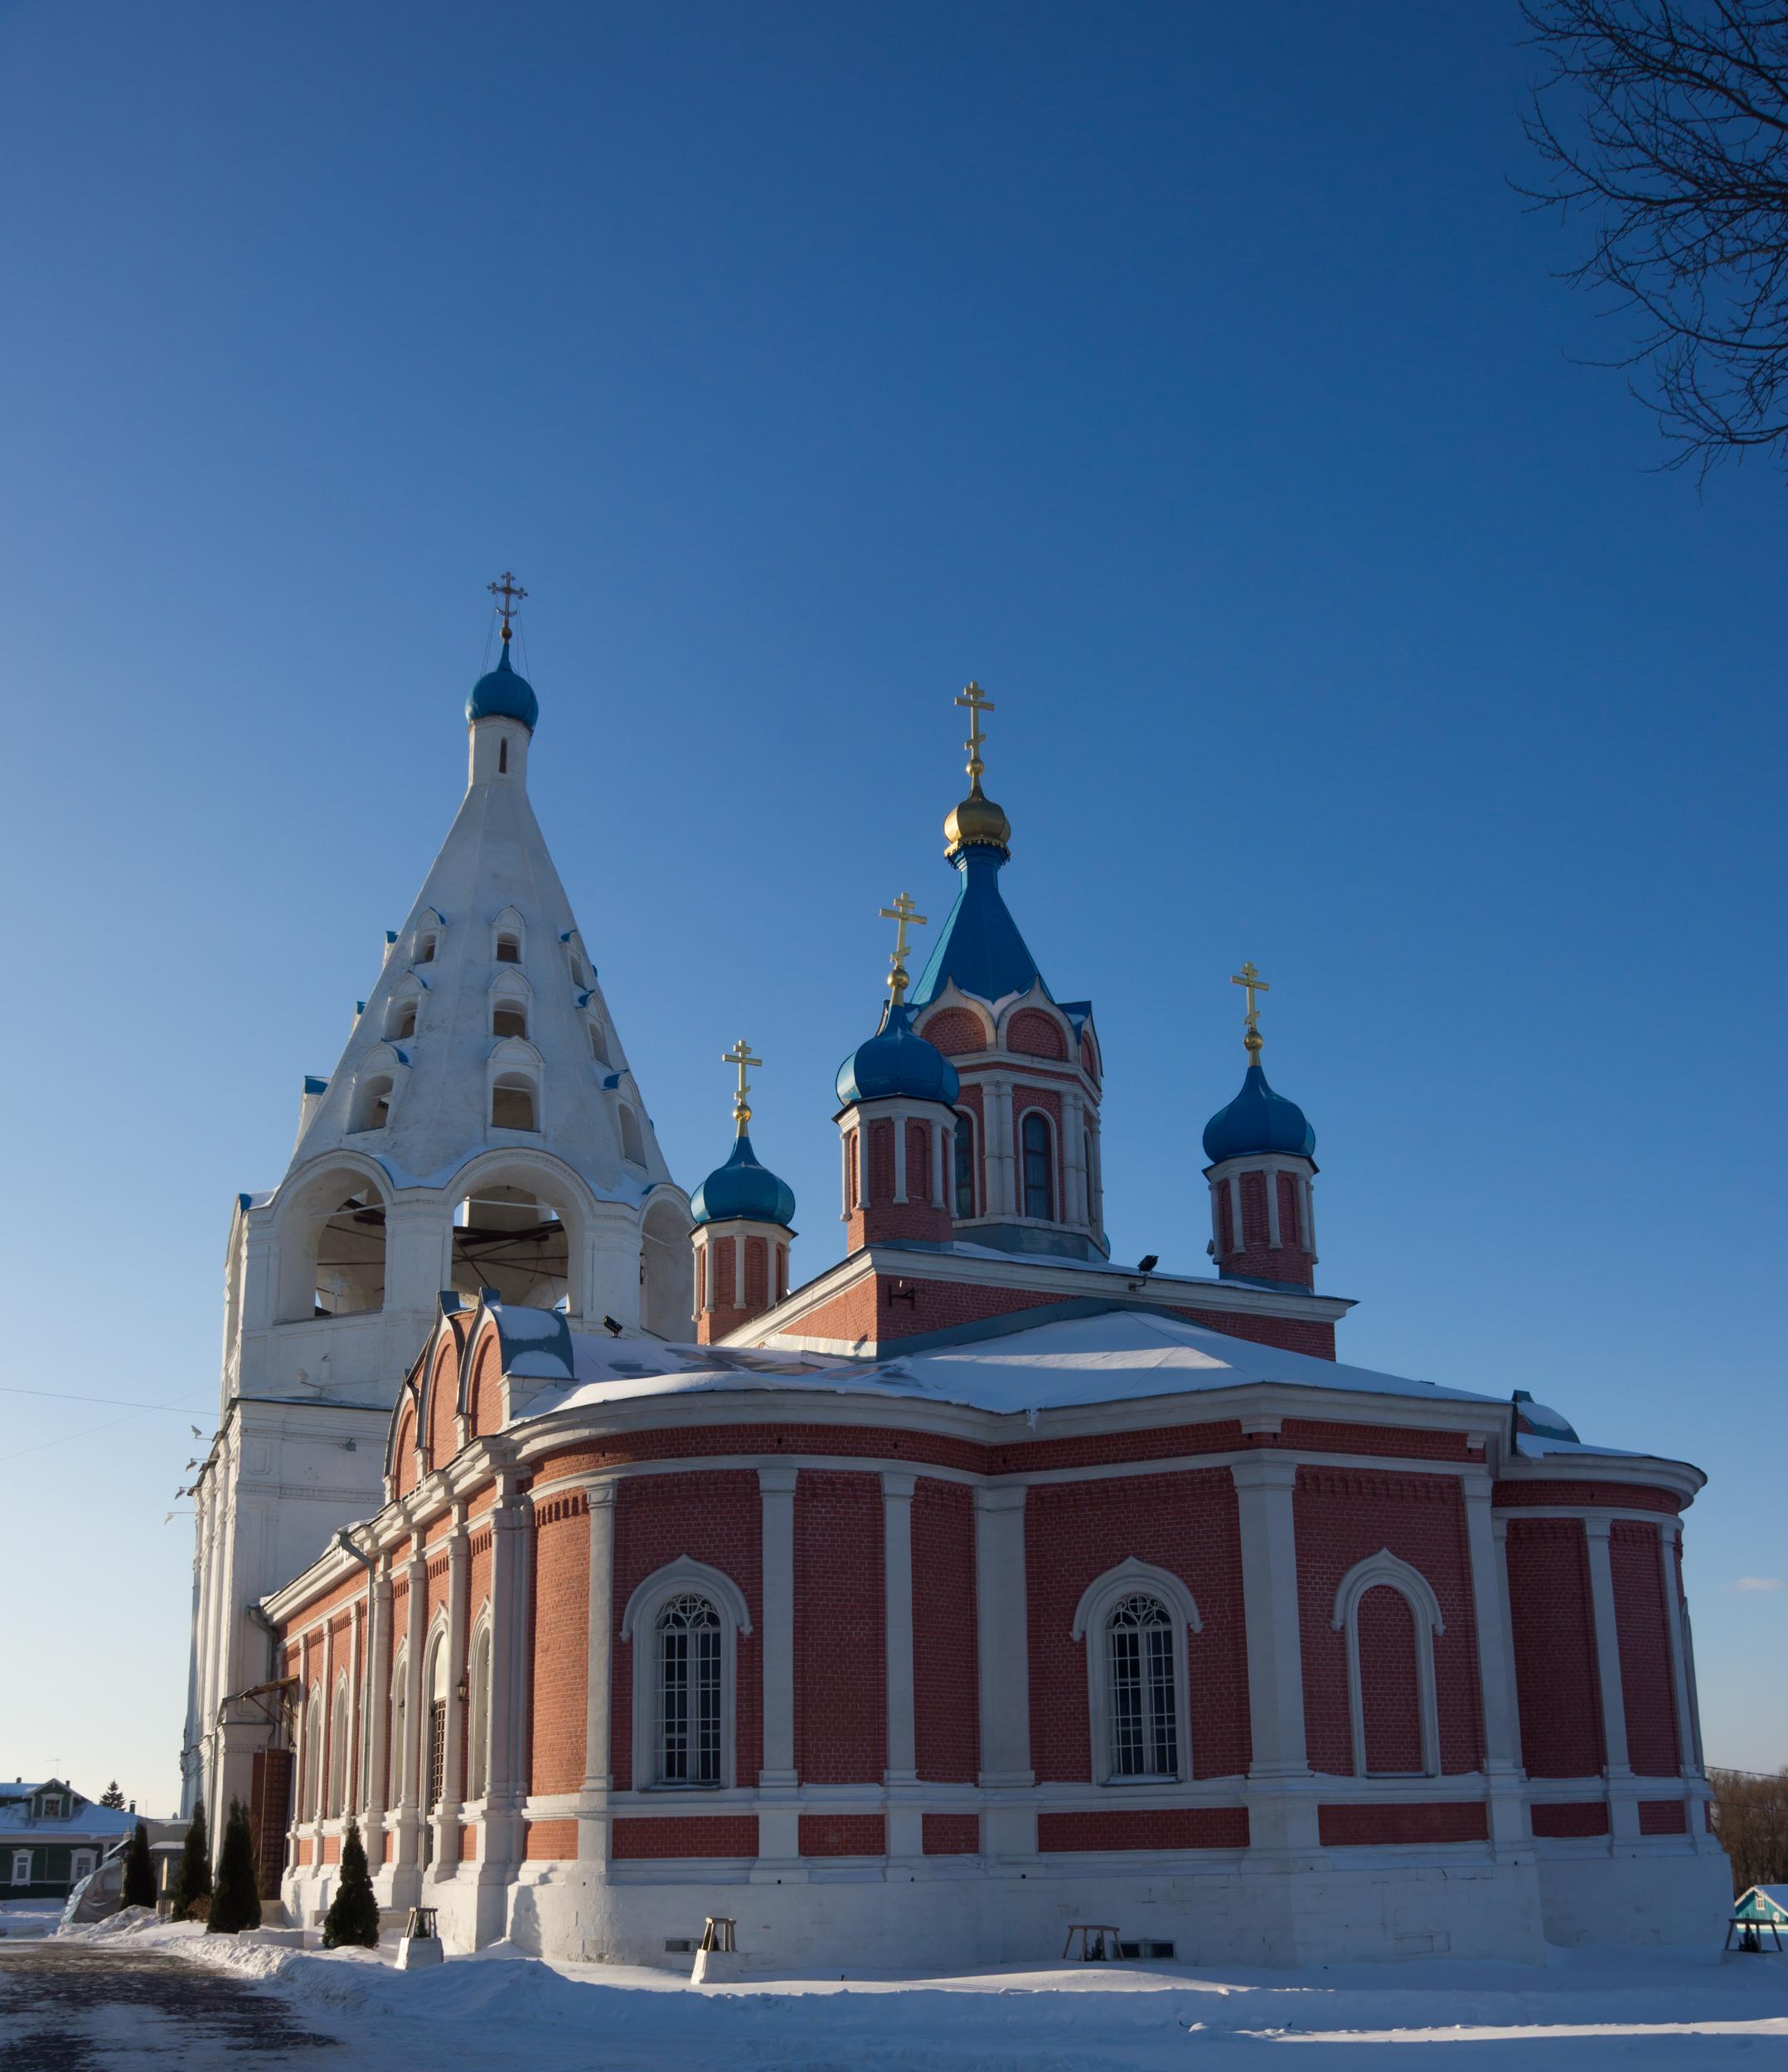 Храм иконы Божией Матери Тихвинская